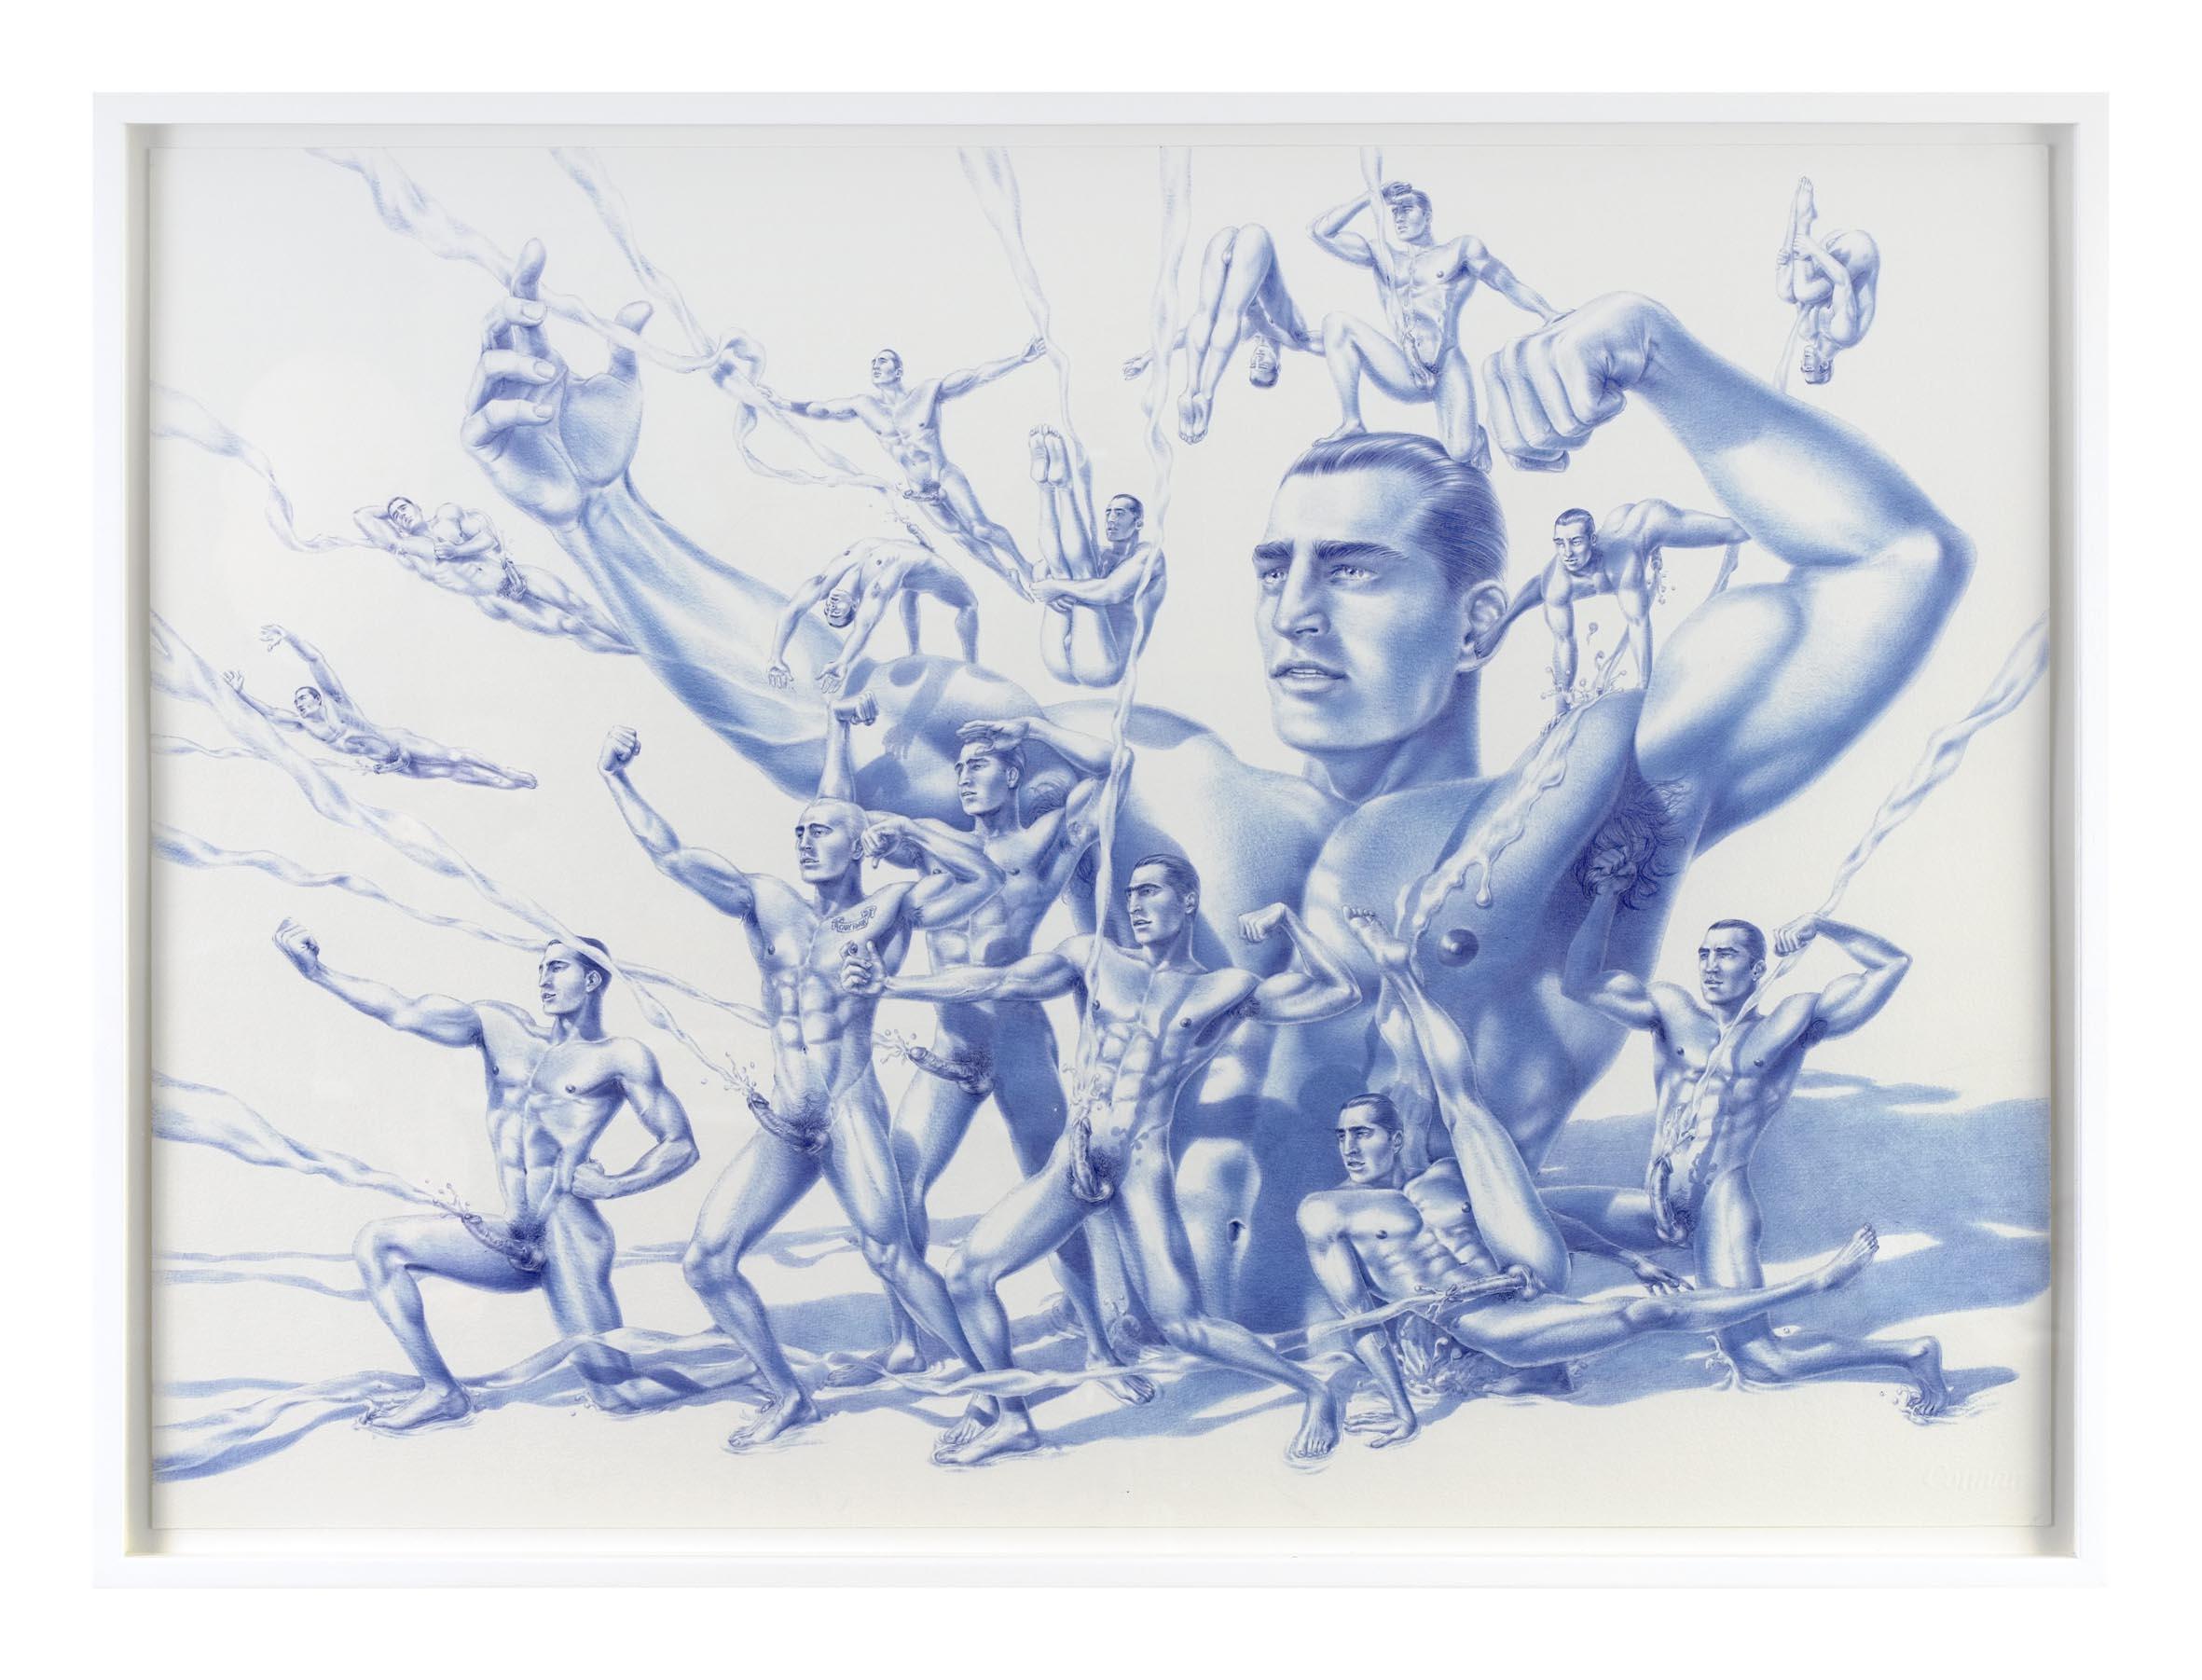 Cumrades 2007 Ink on Paper 56 x 76 cm